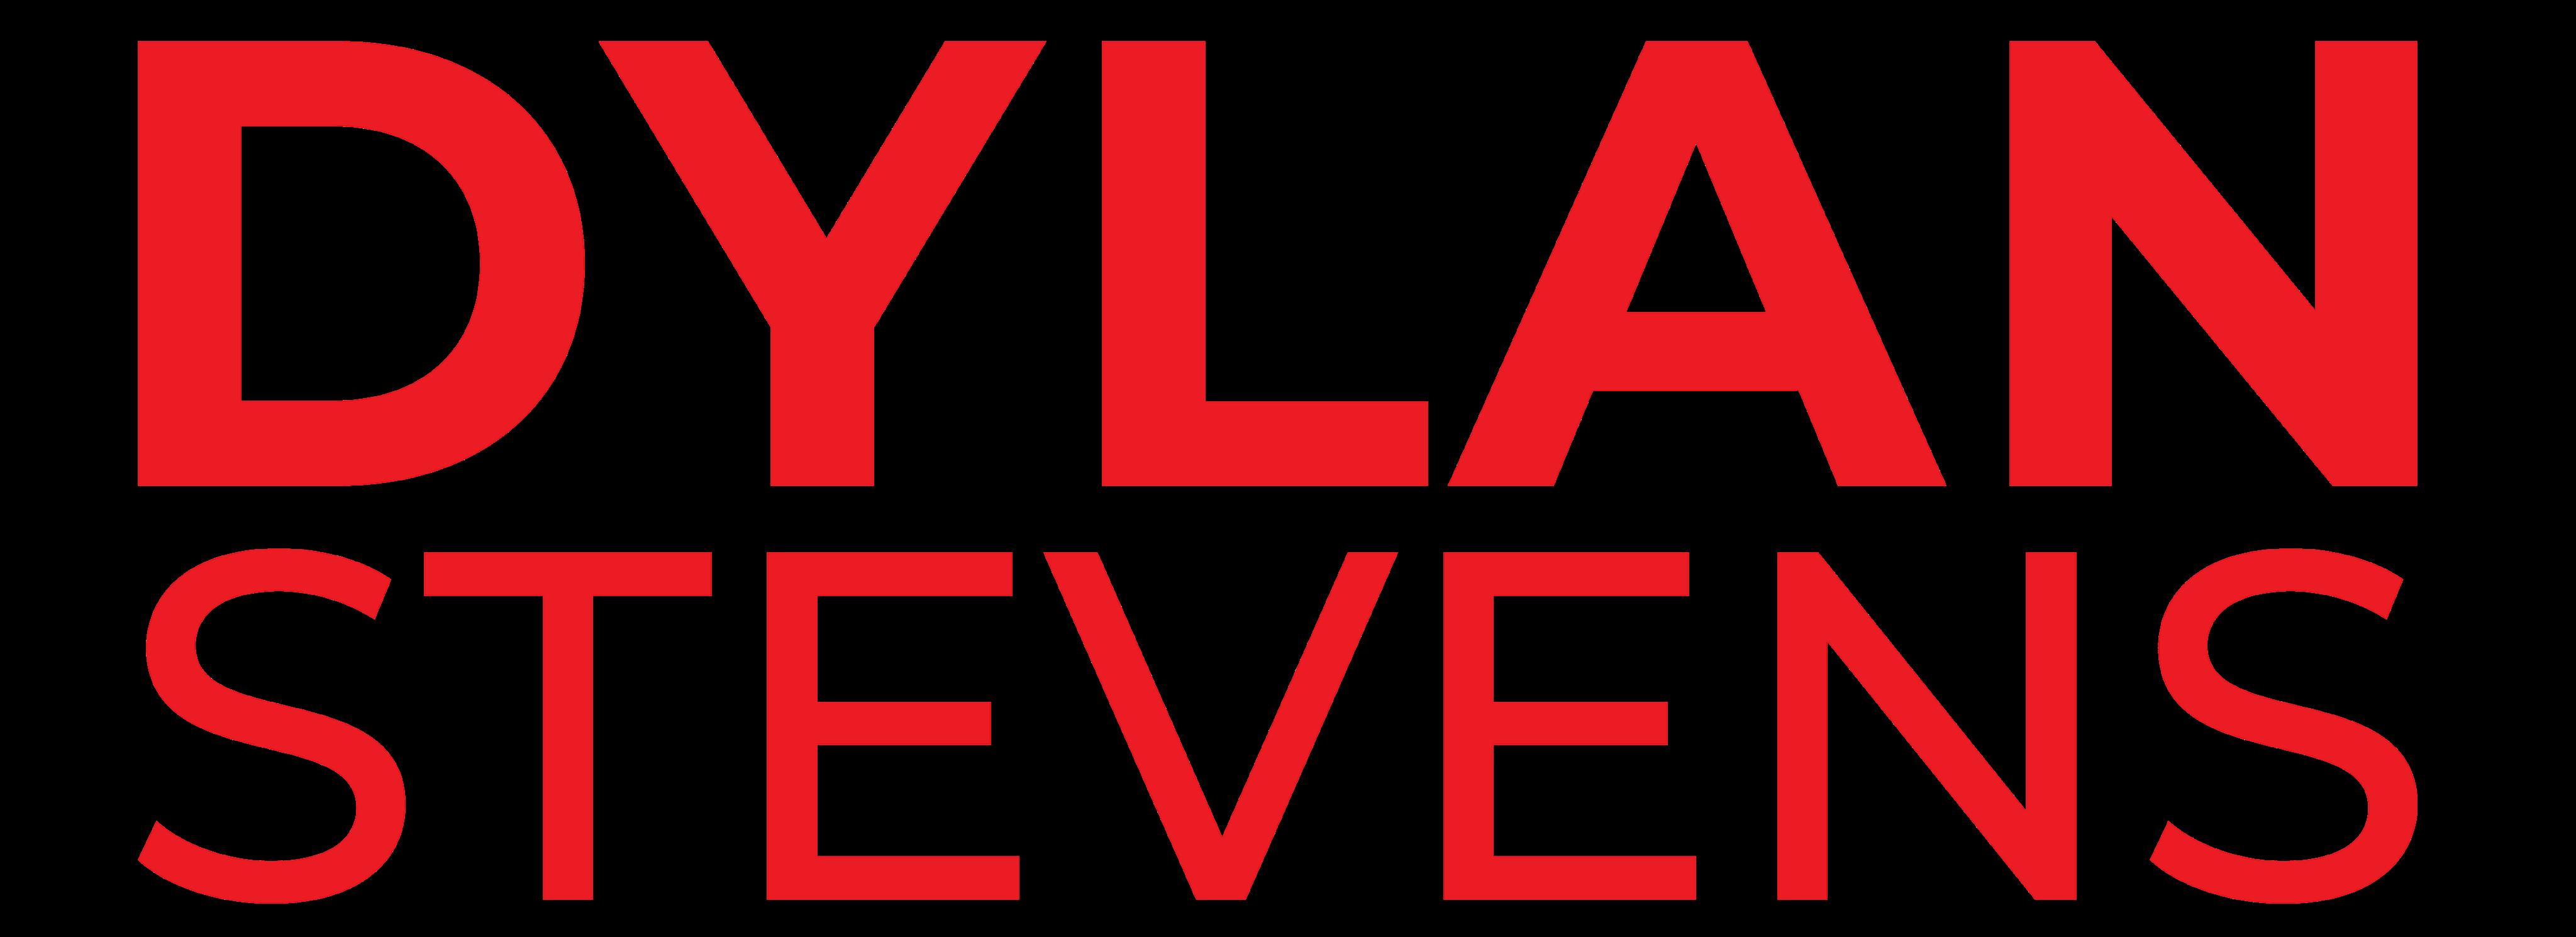 Dylan Stevens